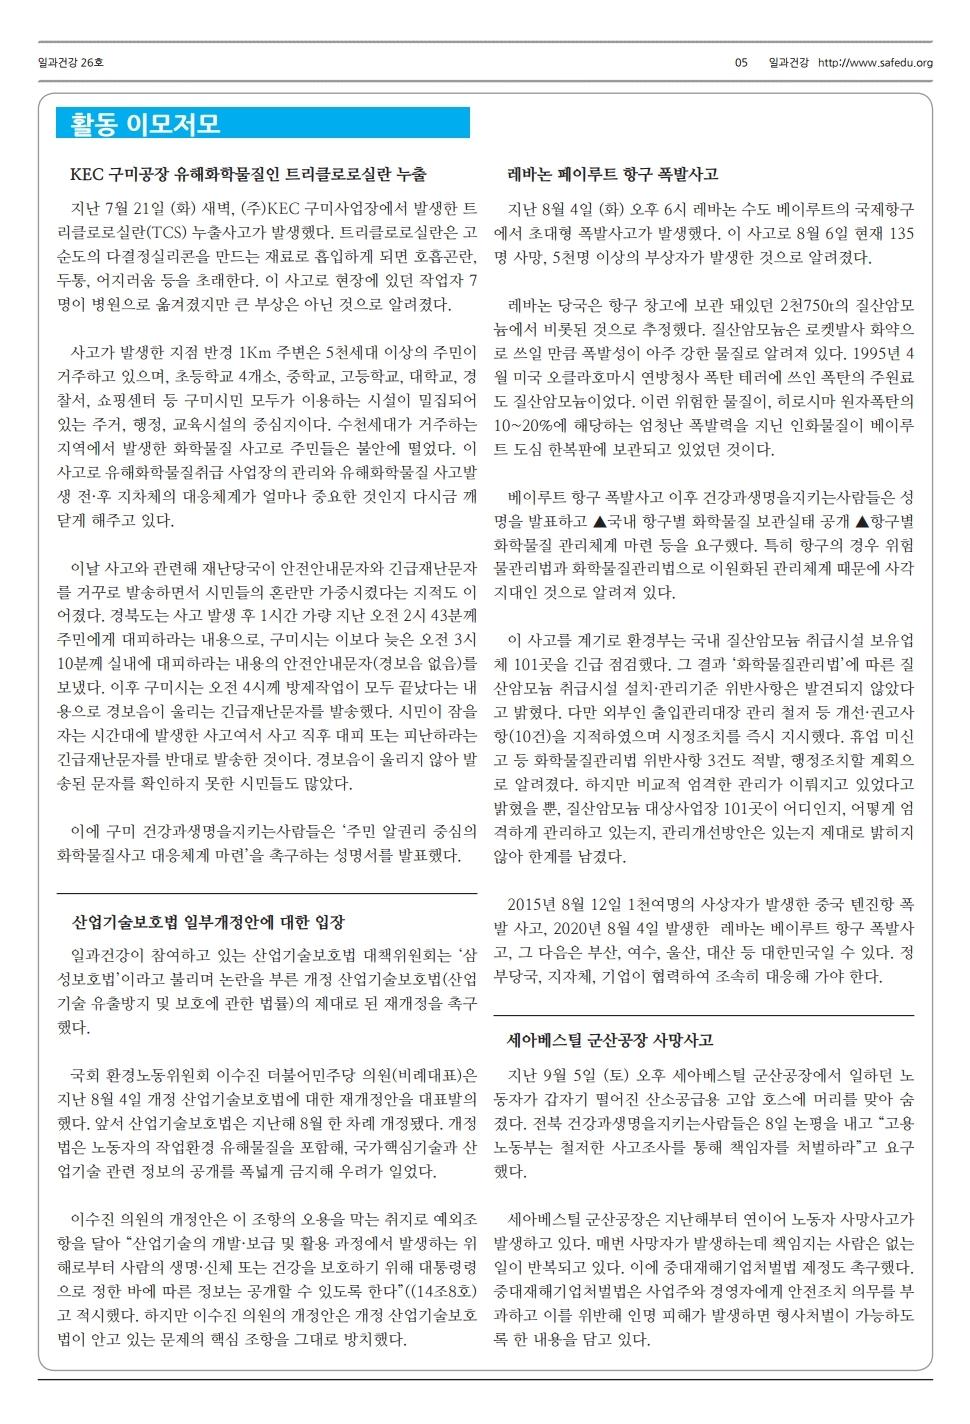 일과건강 소식지 26_홈피용.pdf_page_5.jpg